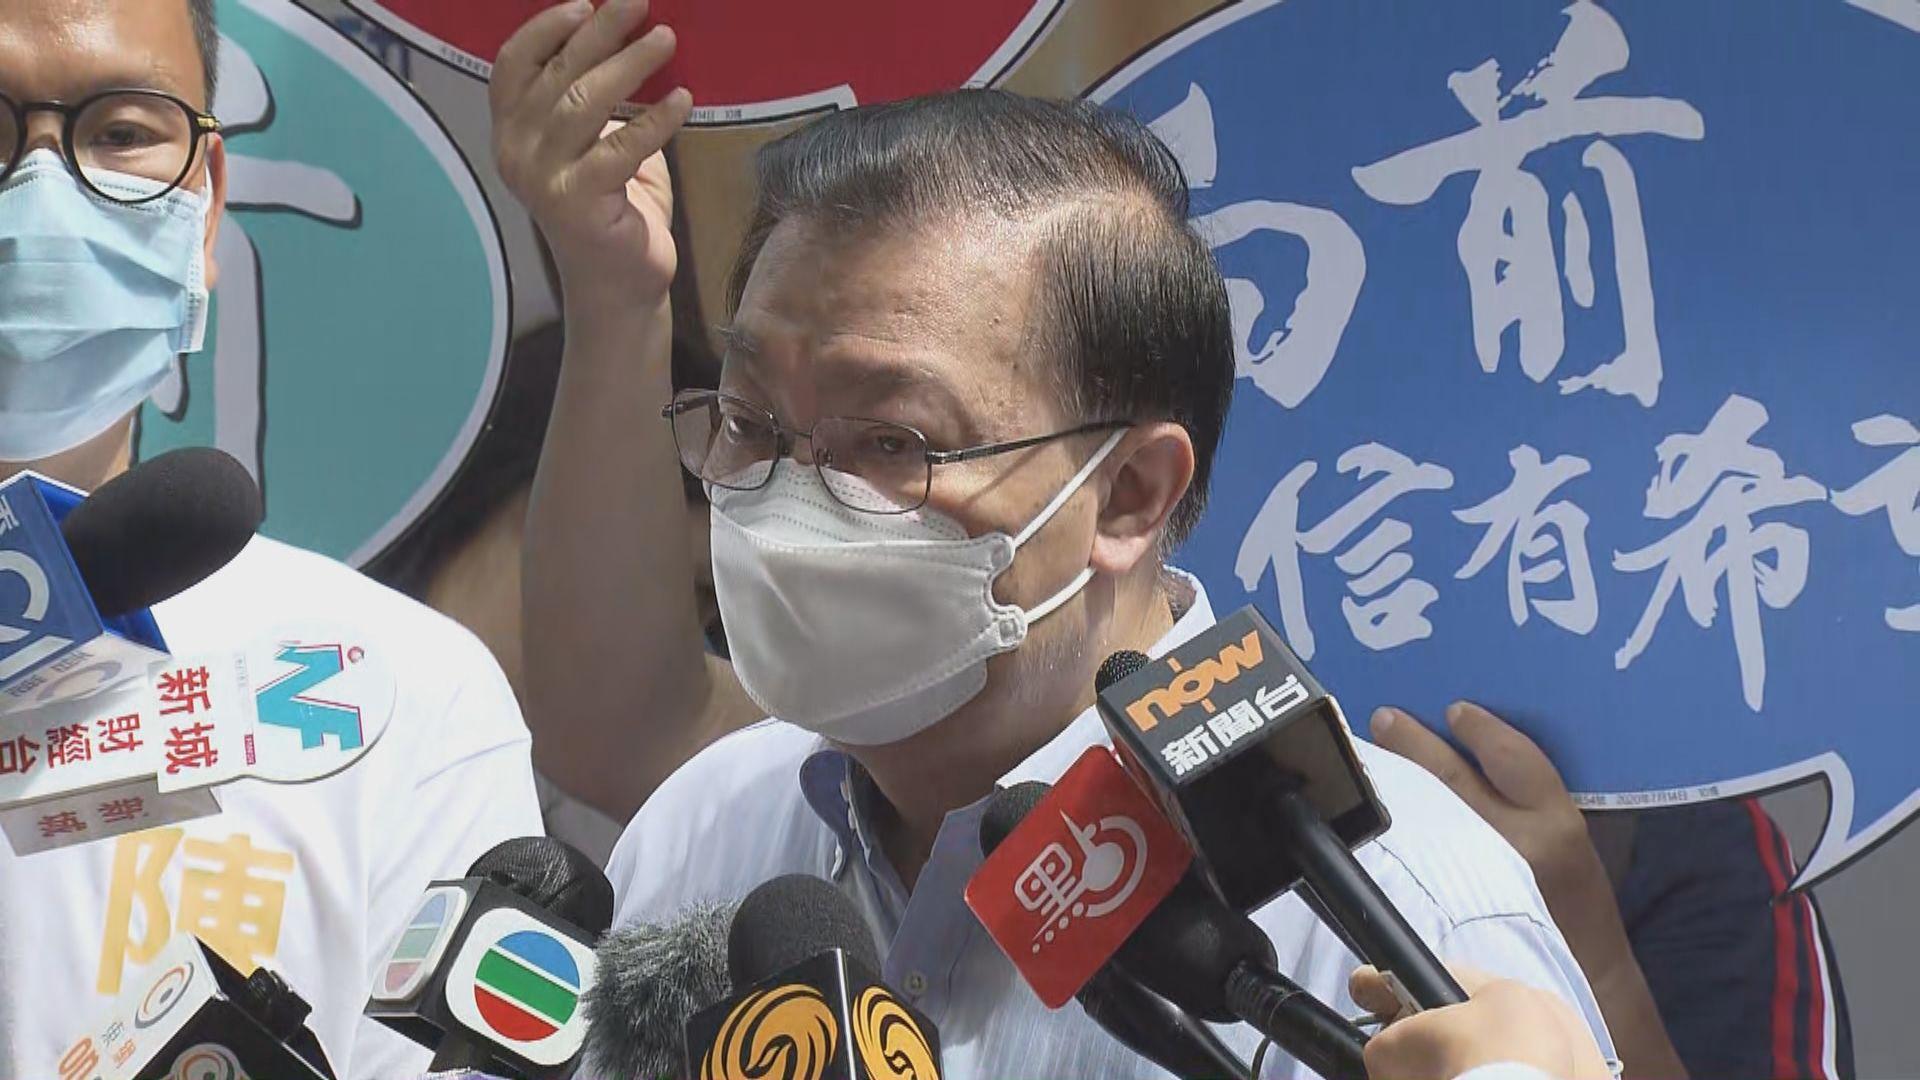 譚耀宗倡政府考慮押後選舉 陳淑莊憂議會真空